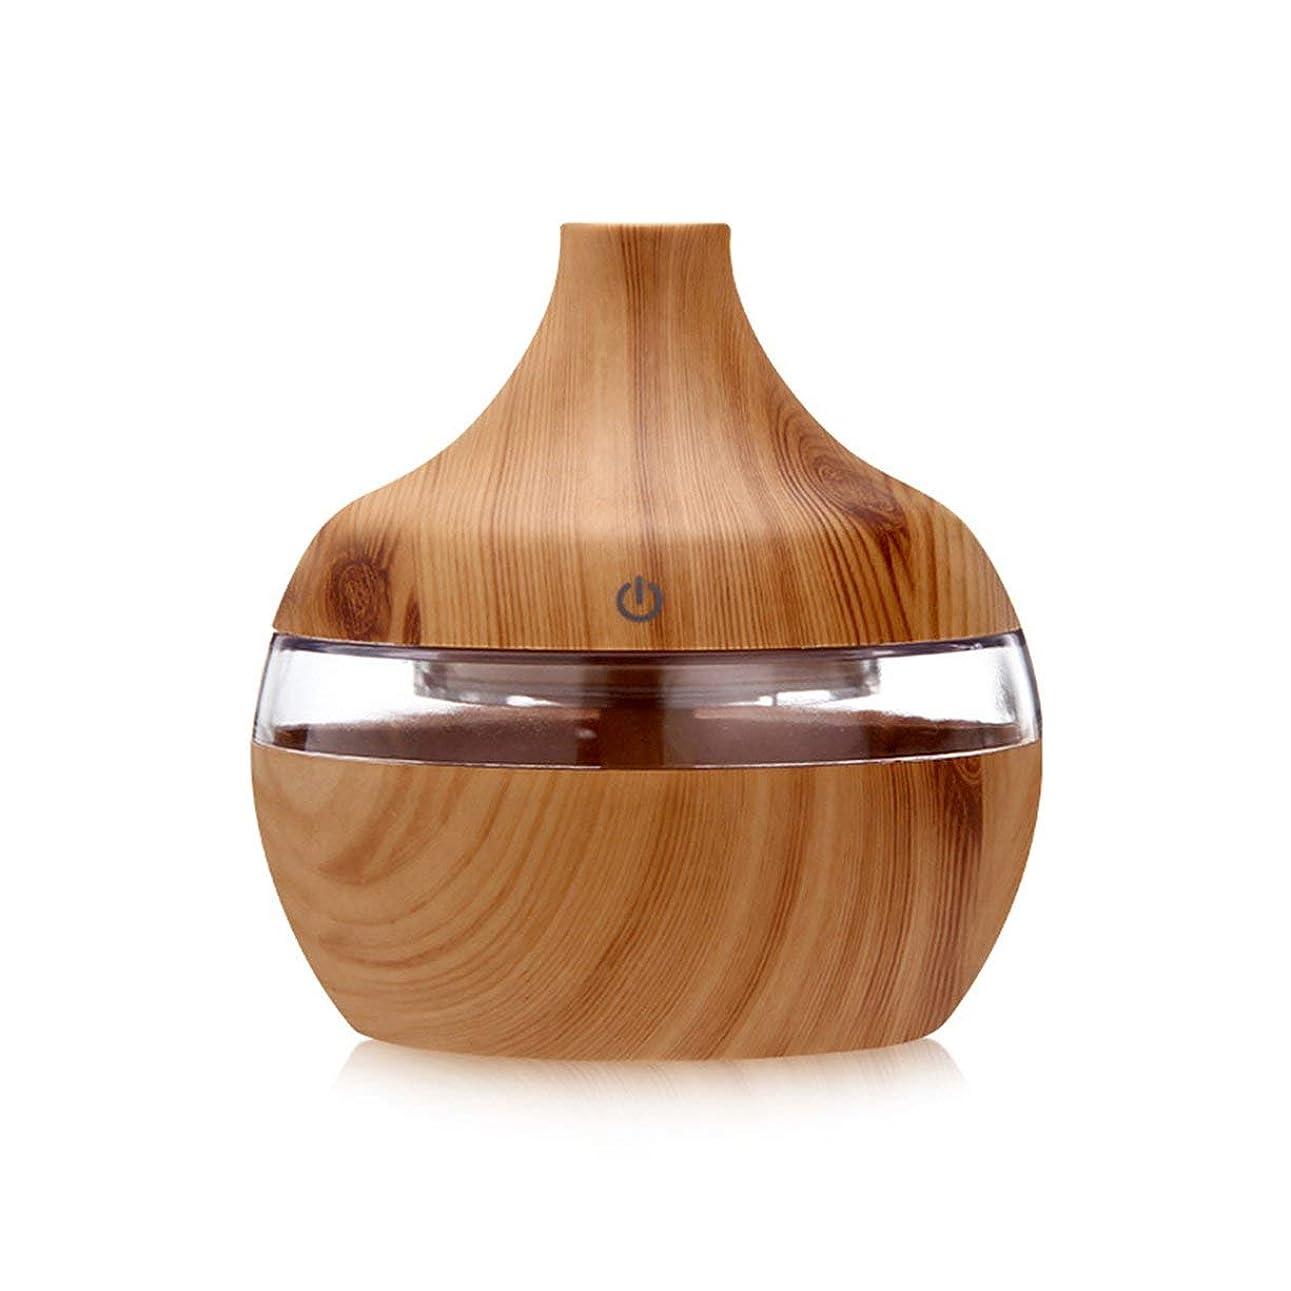 積極的に葡萄風邪をひく木目エッセンシャルオイルアロマディフューザーUSB充電ホーム空気加湿器を浄化するなだめるようなLEDナイトライトミストメーカー-ライト木目